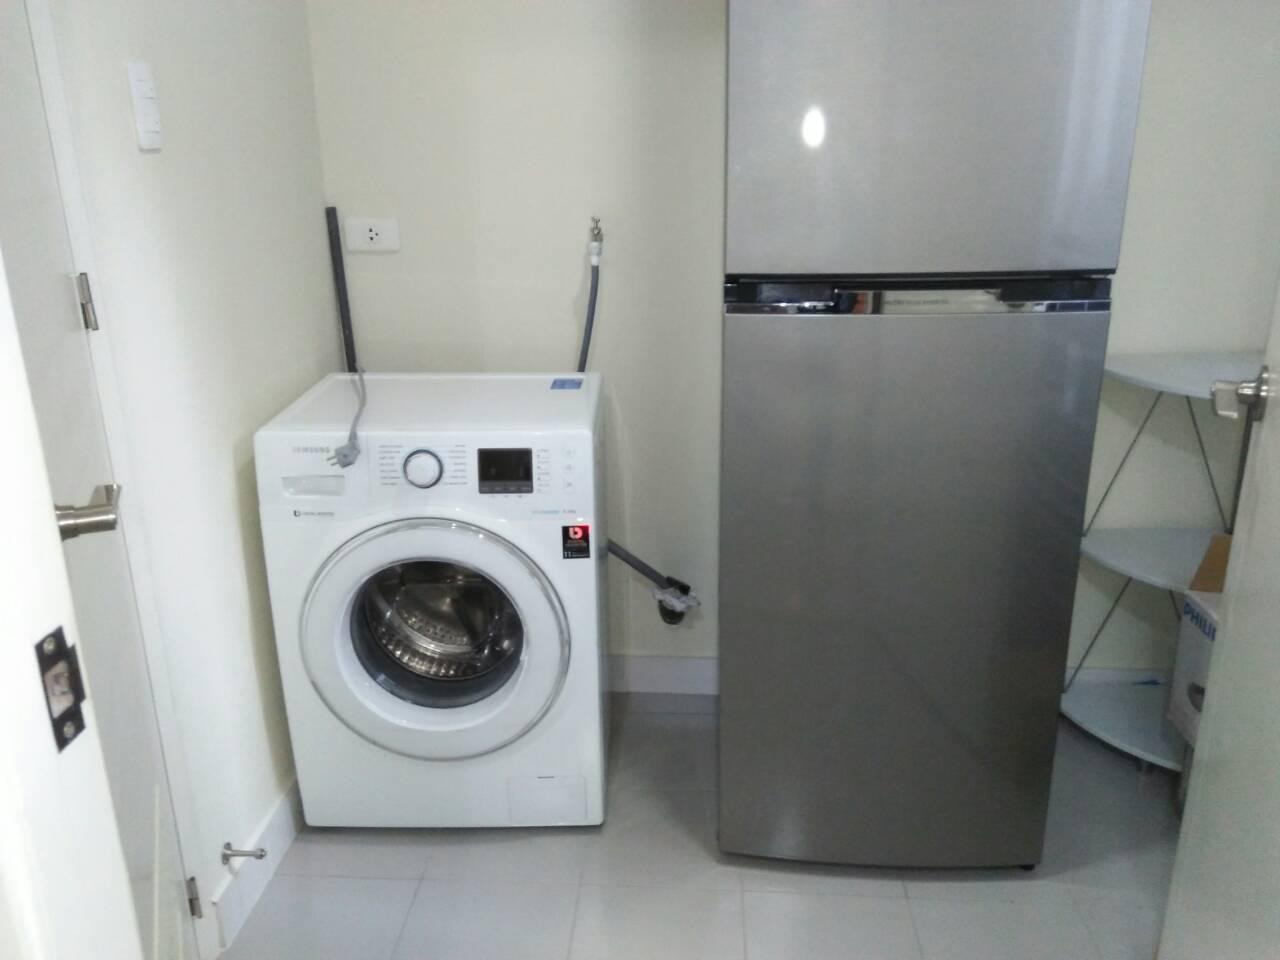 2 Bedrooms Condo, Shang Salcedo Place Wash Room